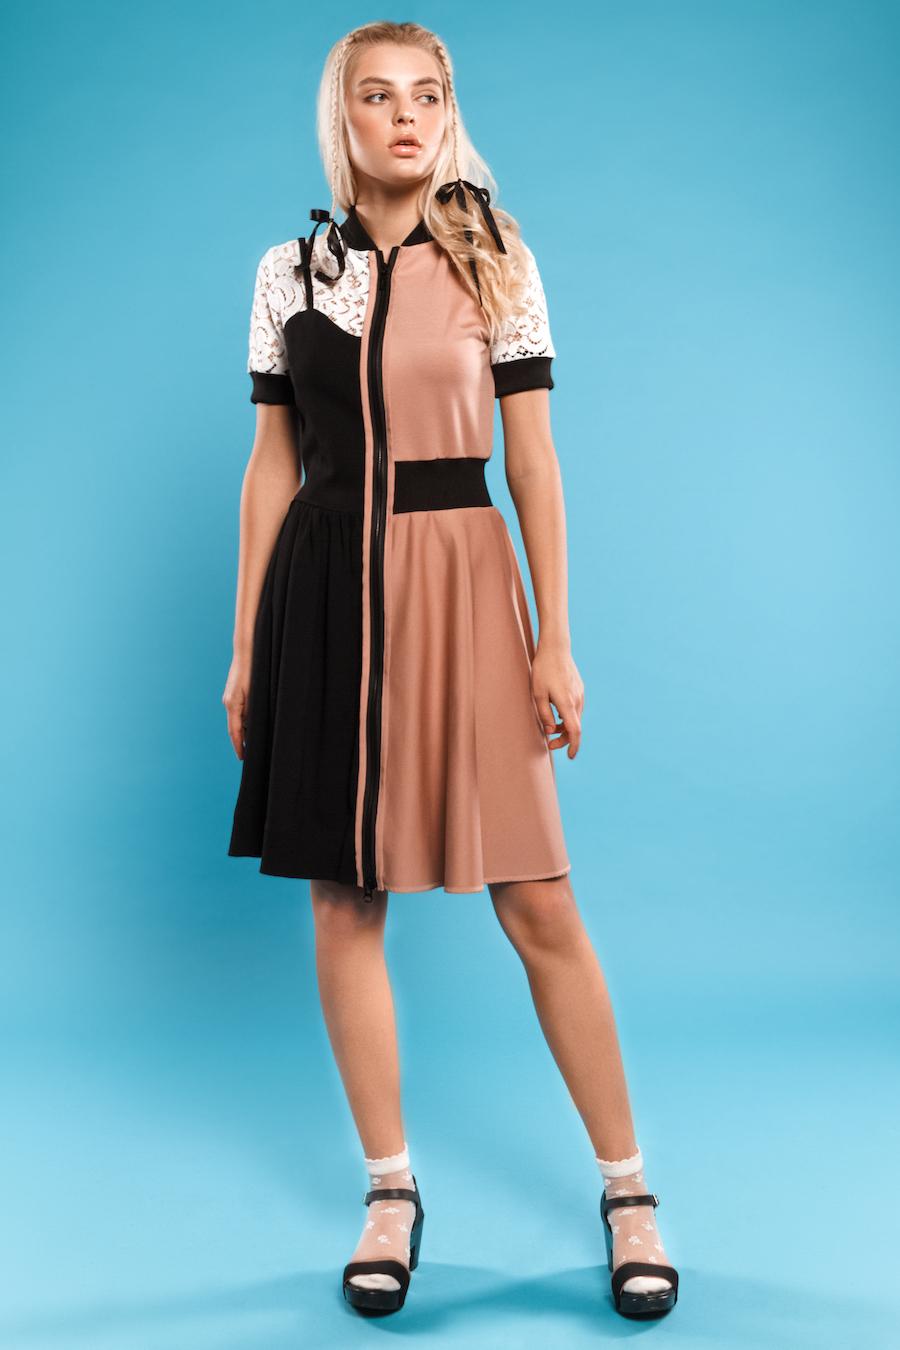 00b9d12c508e80 Стильний гардероб до літа: Українські дизайнери і стиліст Рост Дікой  розповіли про модні тенденції | Стайлер